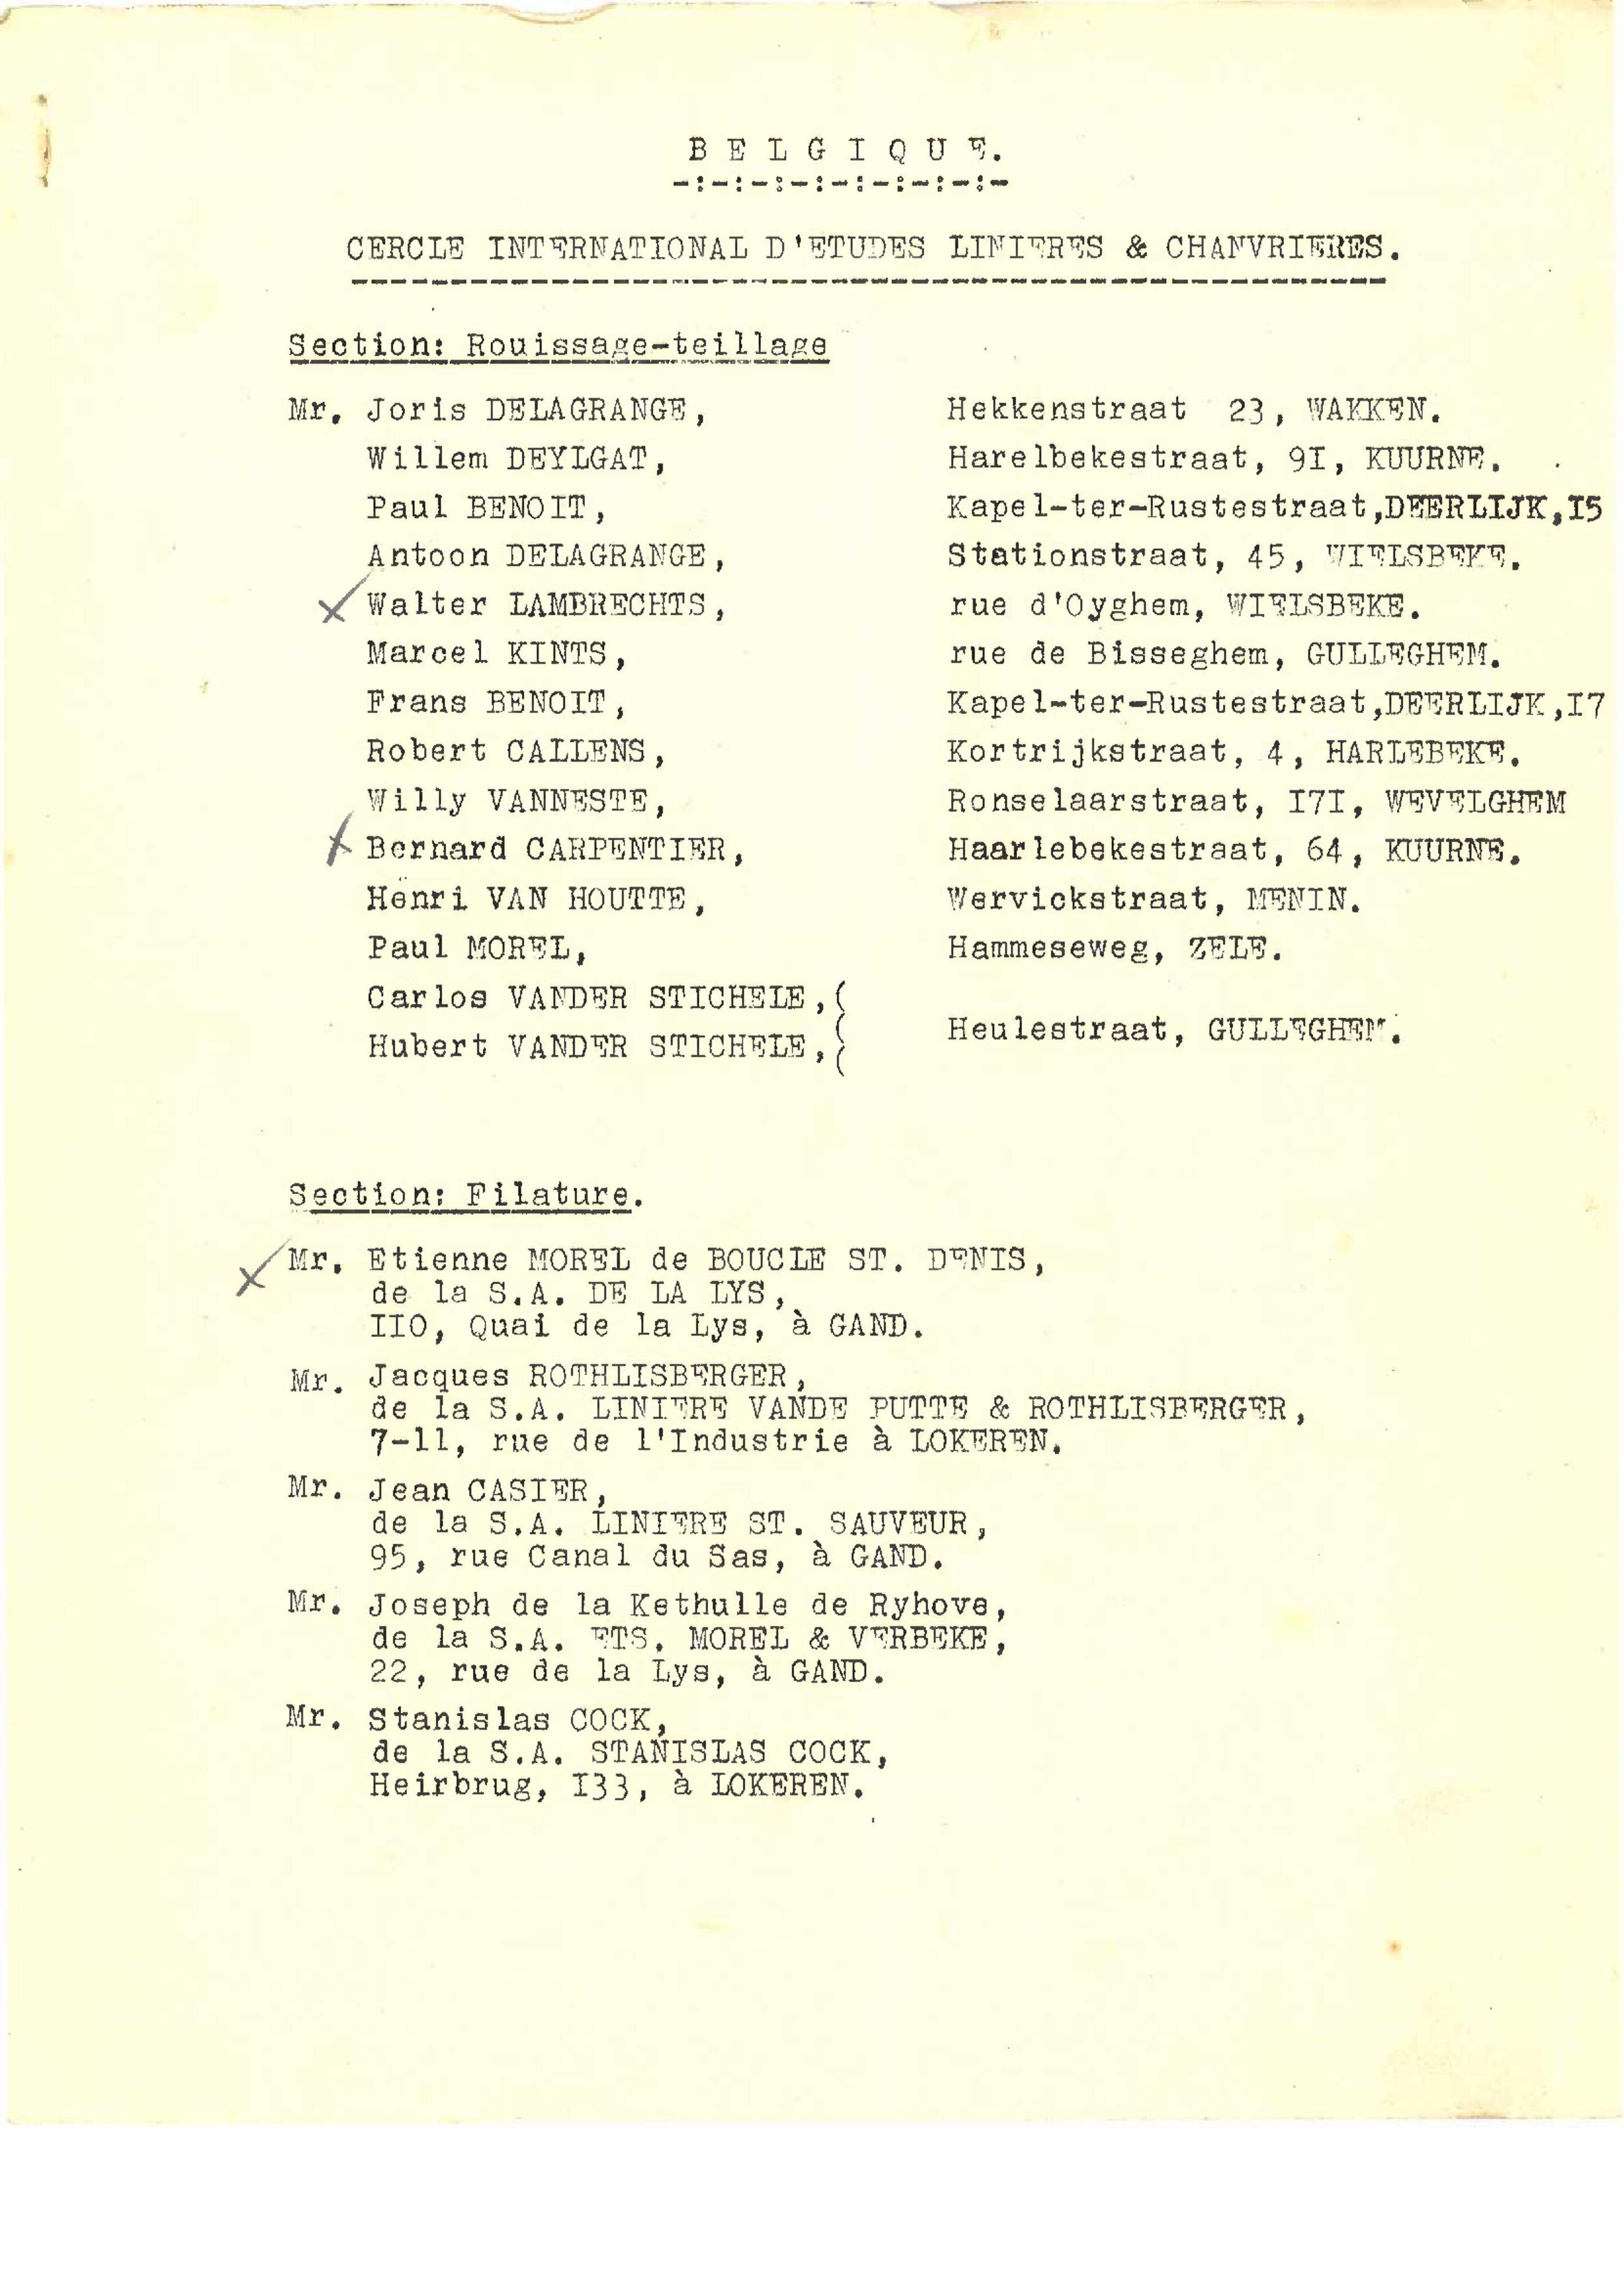 Adressen- en ledenlijst Cercle International d'études linières et chanvrières (CILC), 1950